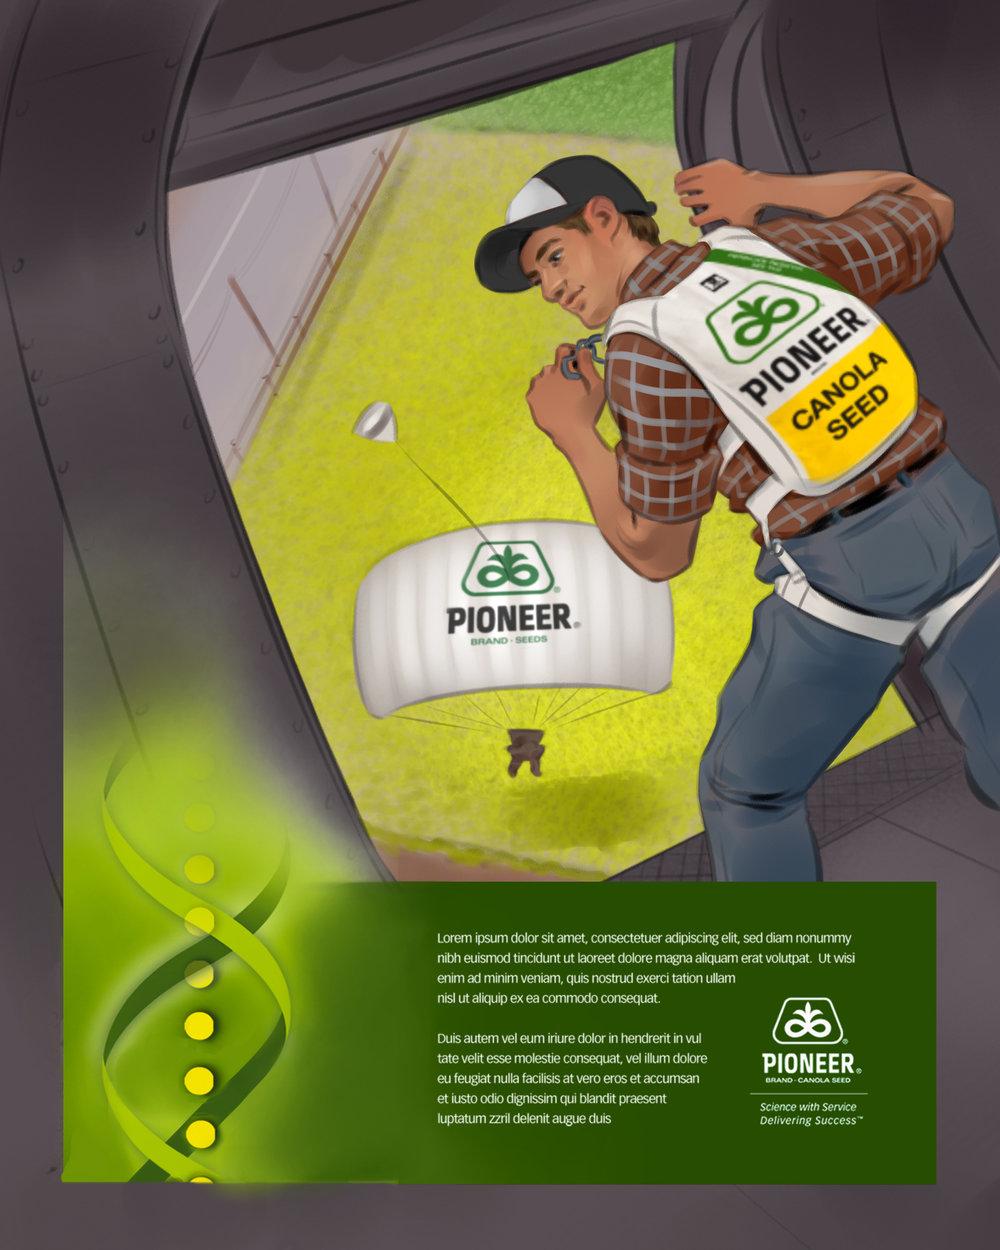 pioneer01final.jpg